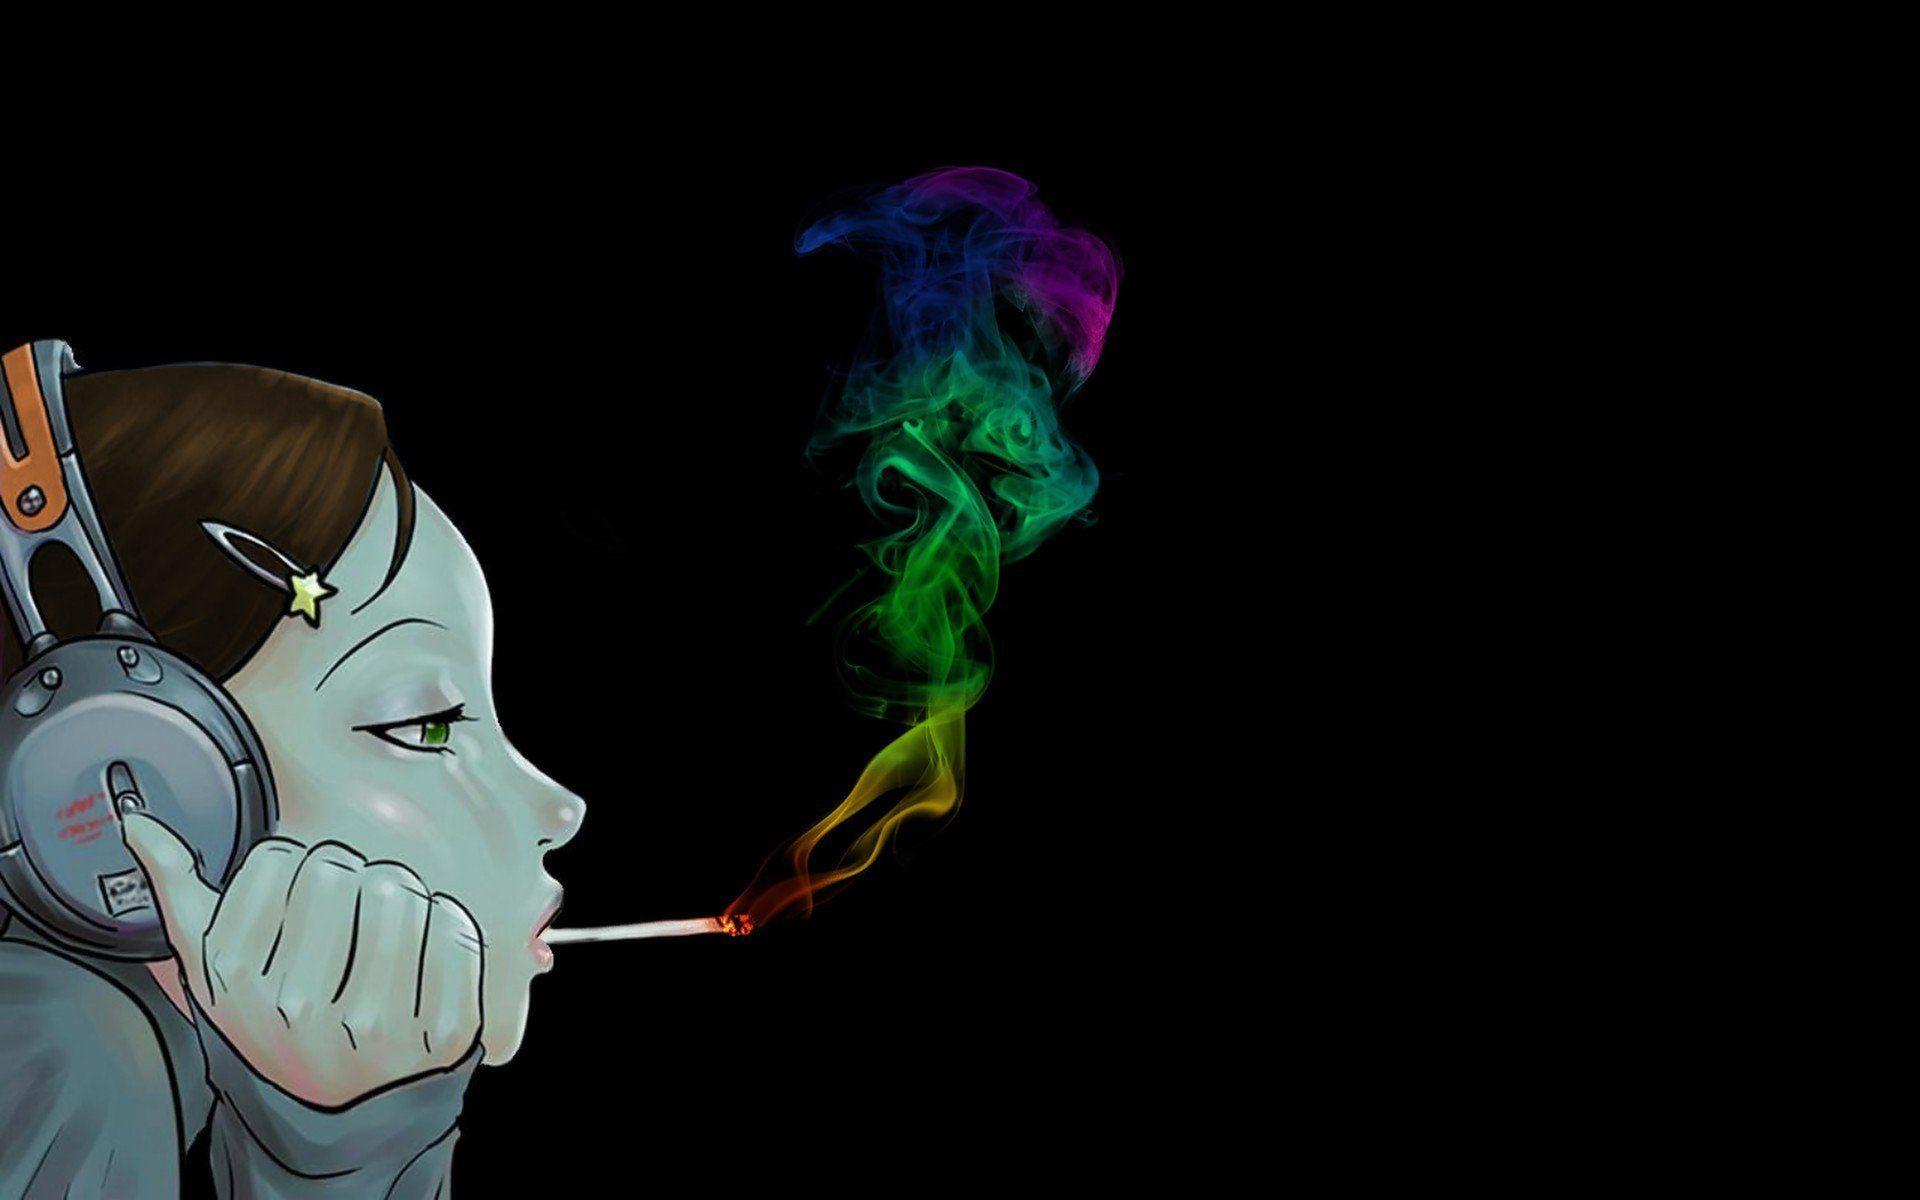 Wiz Khalifa Smoking Wallpaper